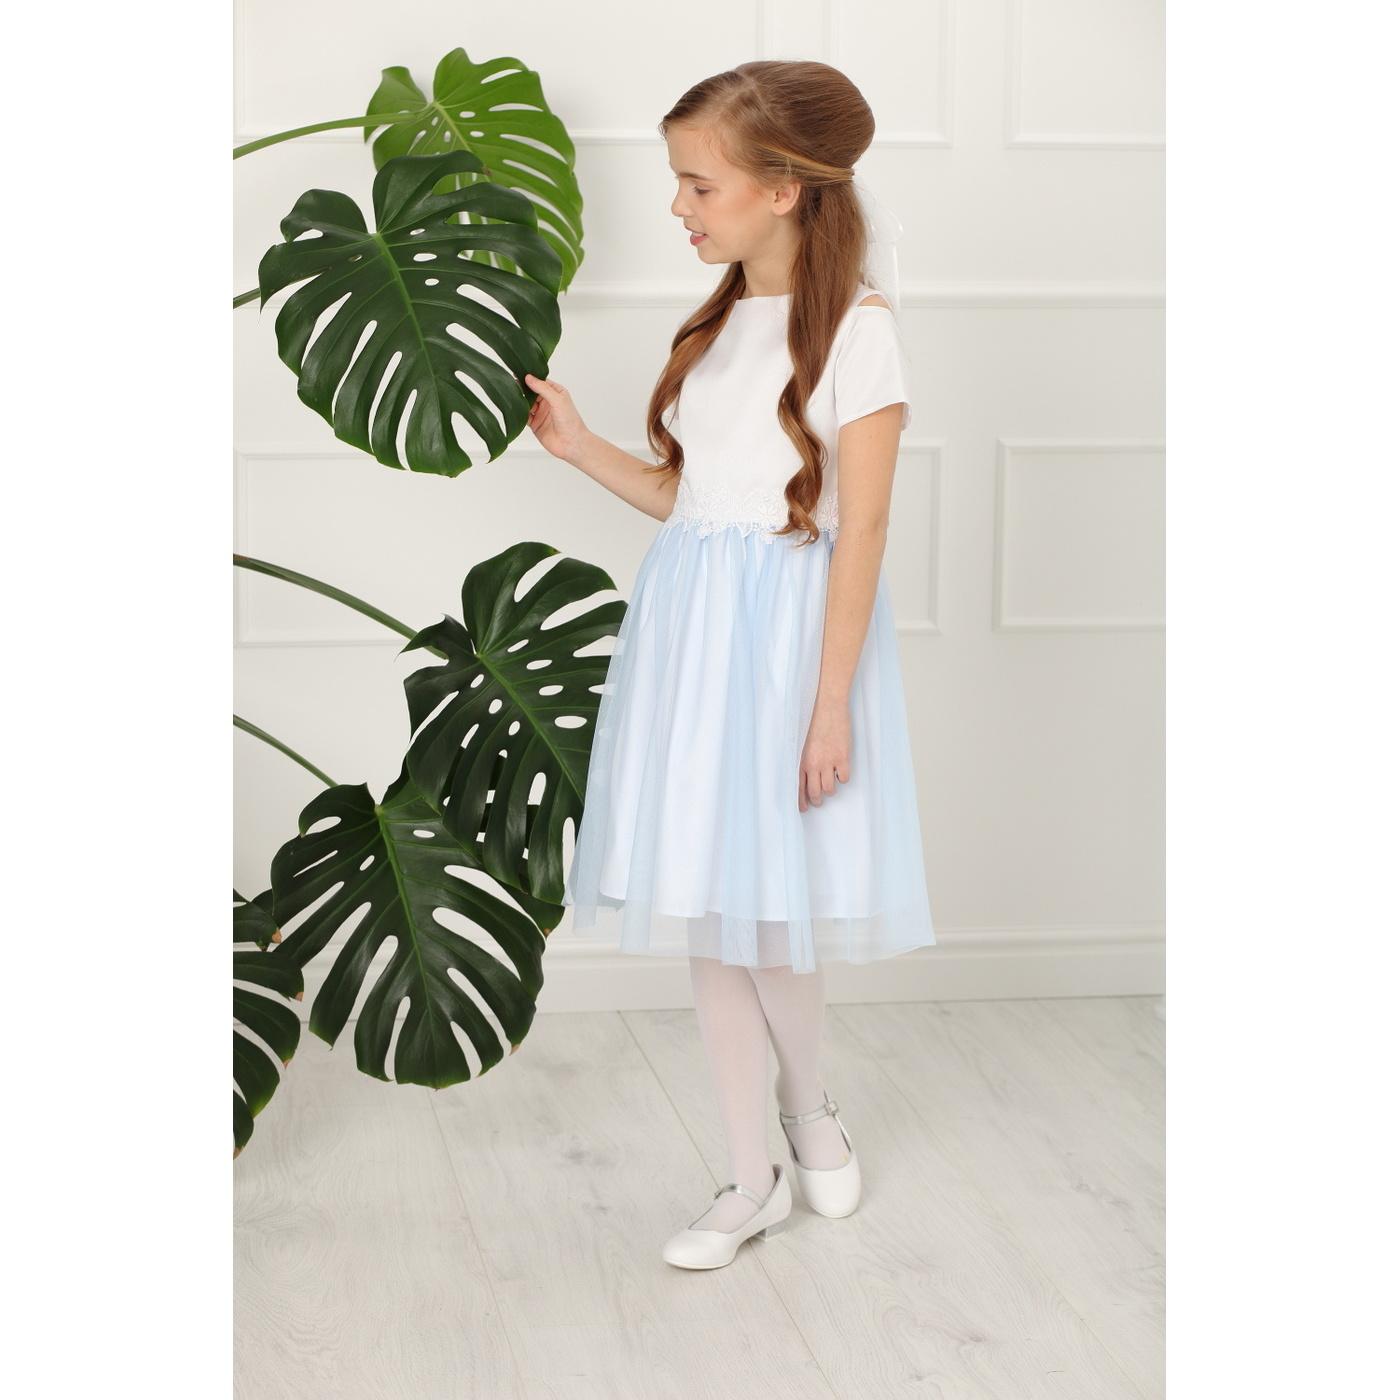 36f54d43a22060 ... Sukienka wizytowa dla dziewczynki z koronką Charlotte  błękitna,pokomunijna, na wesela,sklep ...